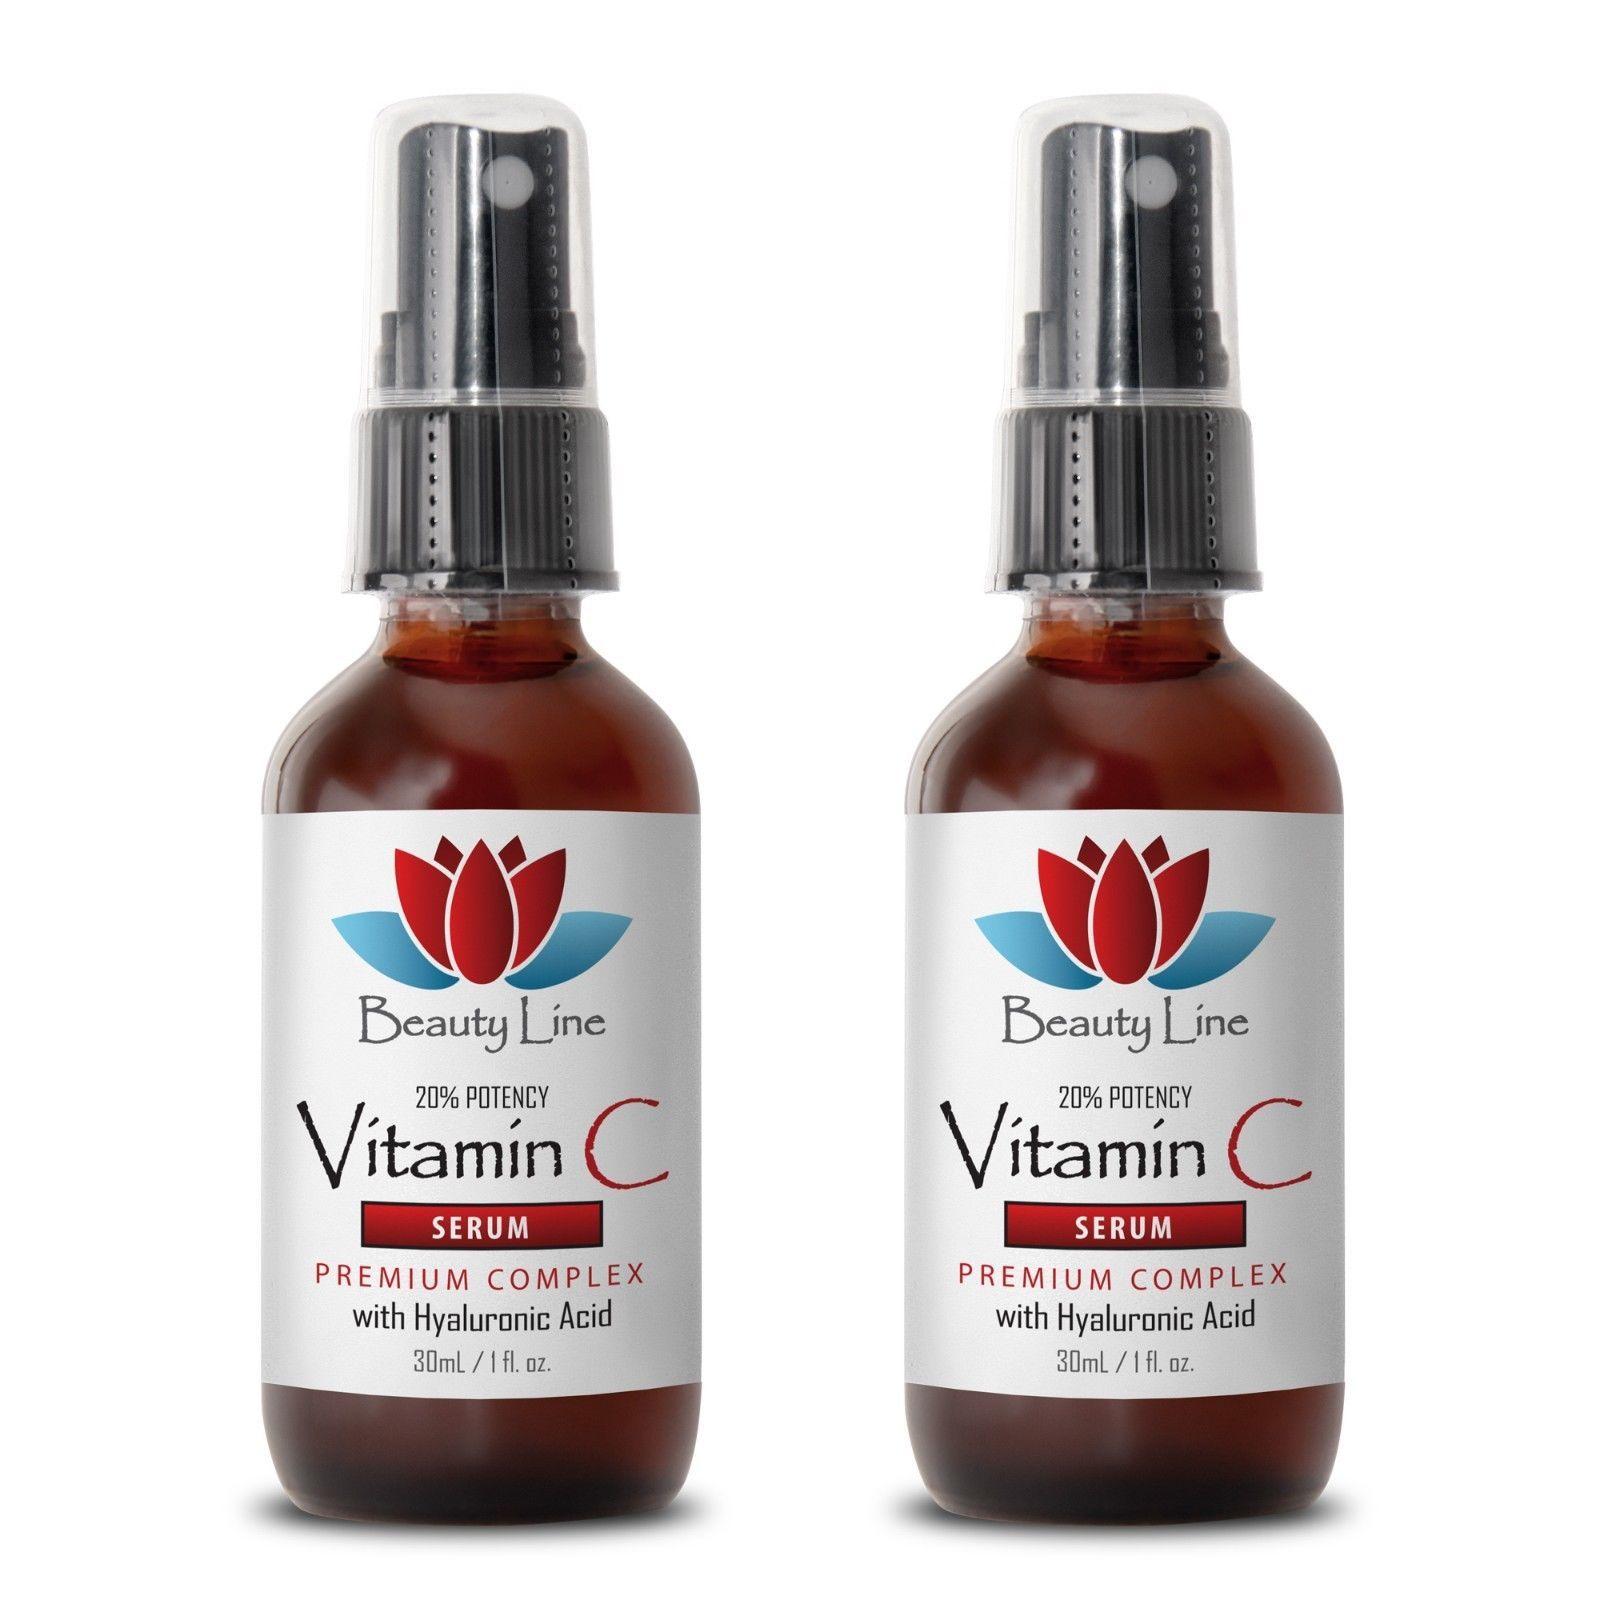 Hyaluronic Acid Vitamin C Cream - Vitamin C Serum 30ml - Nature Moisturizer 2B